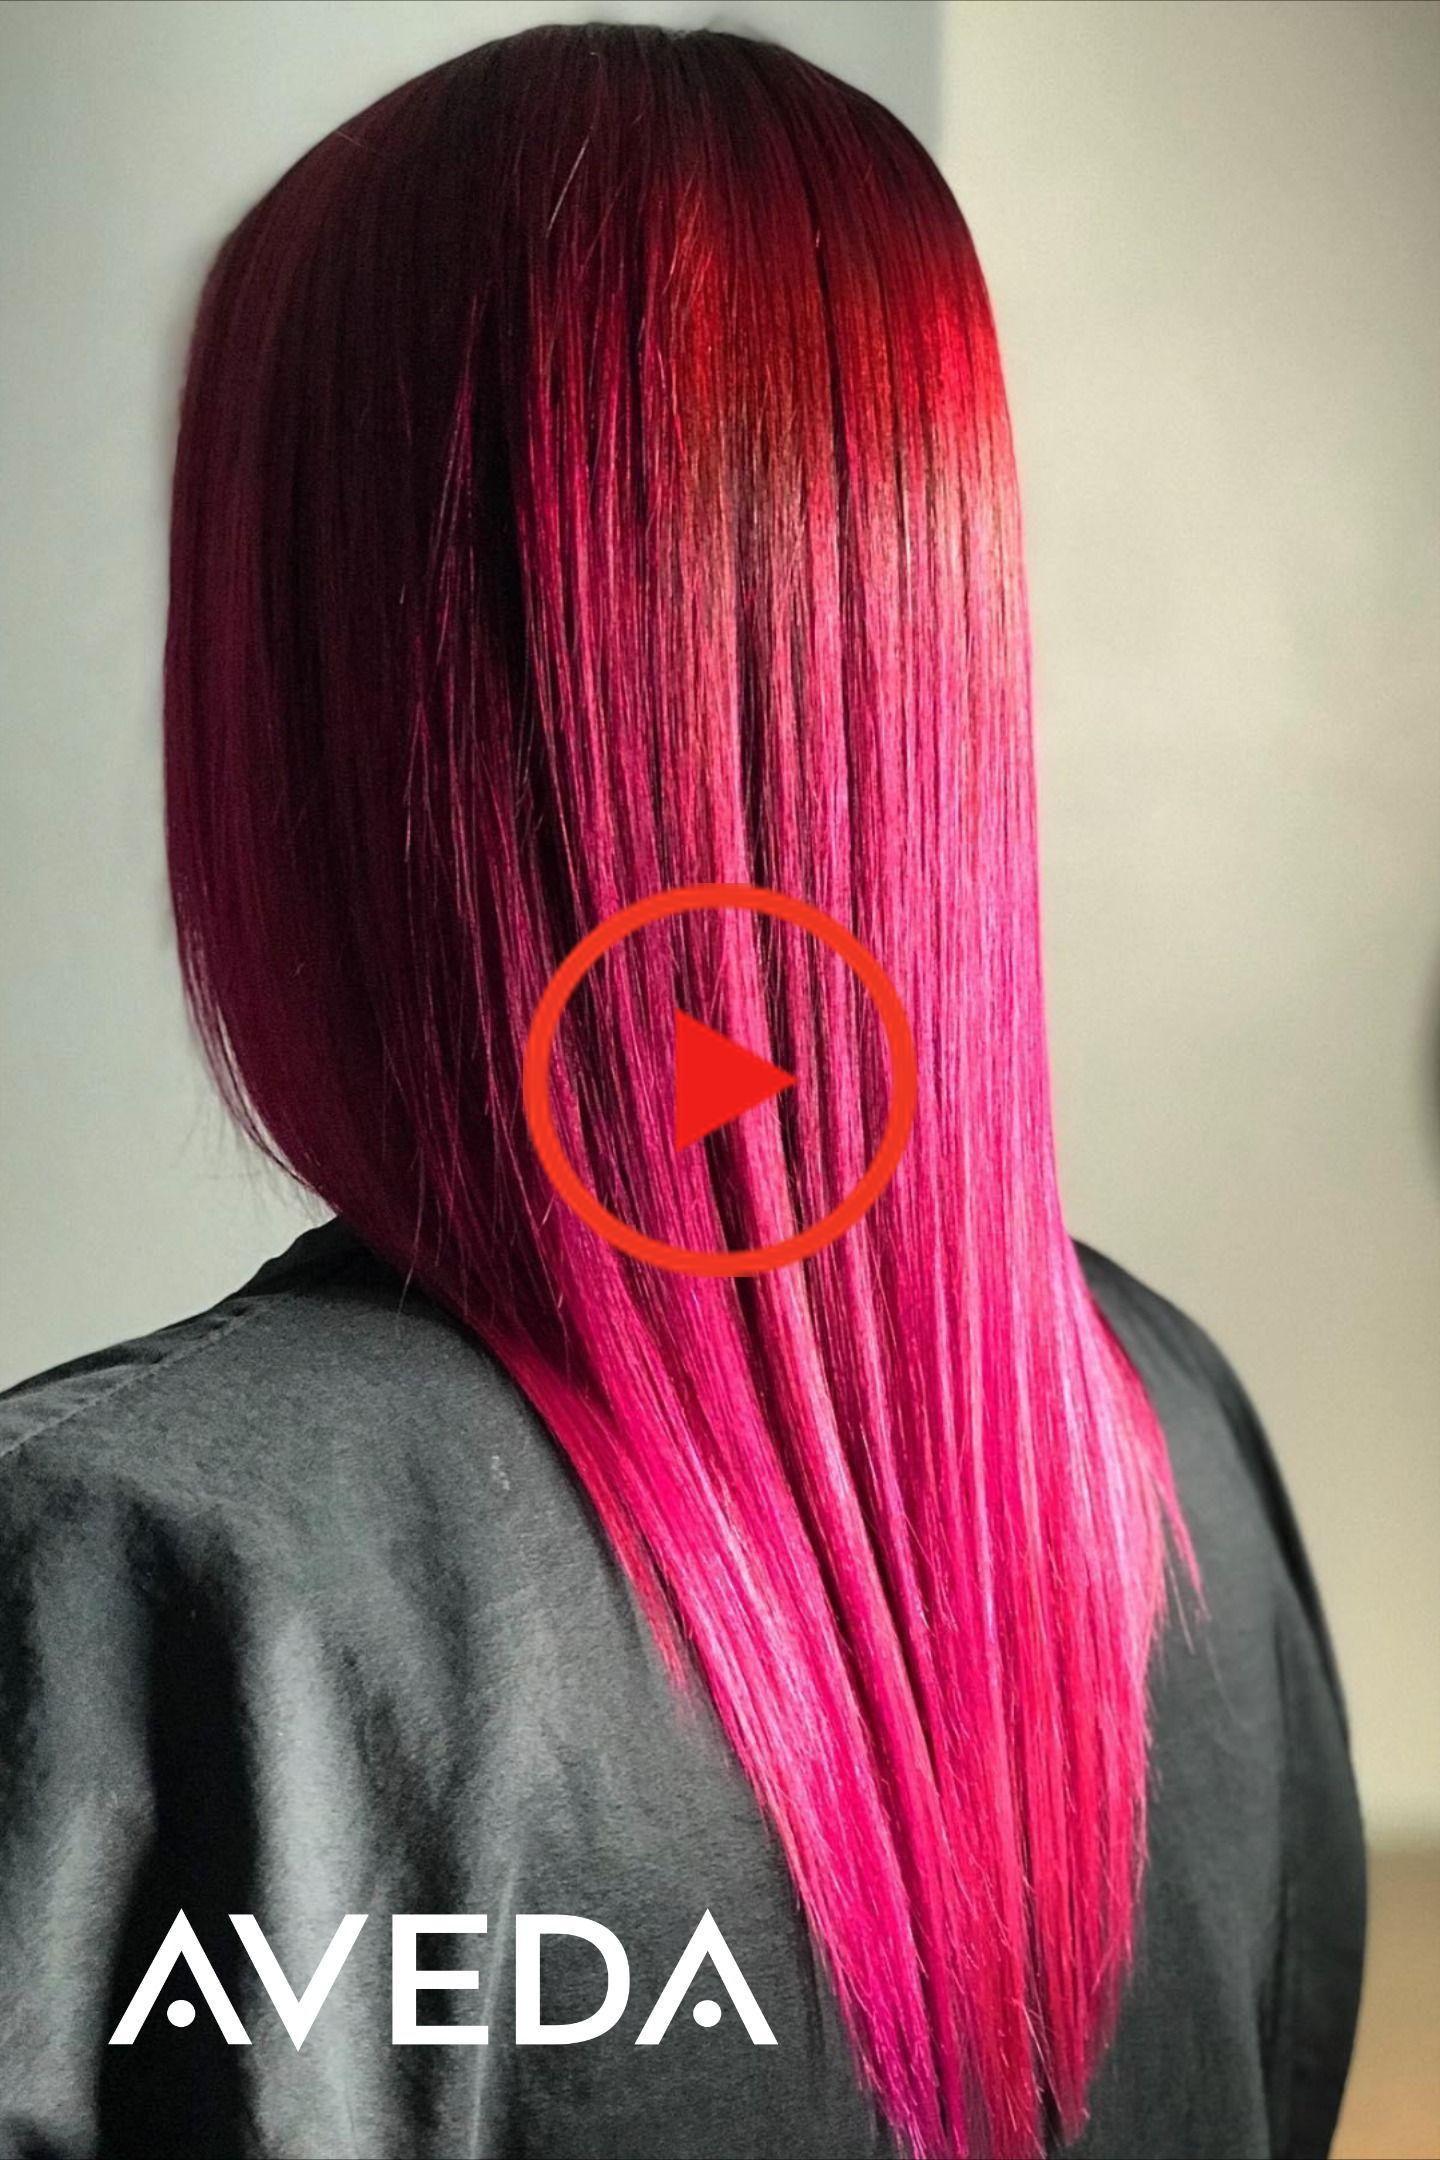 Donker roze haarkleur #avedasalon Wist u dat u kunt een hot pink mode haarkleur deze bruisende dat